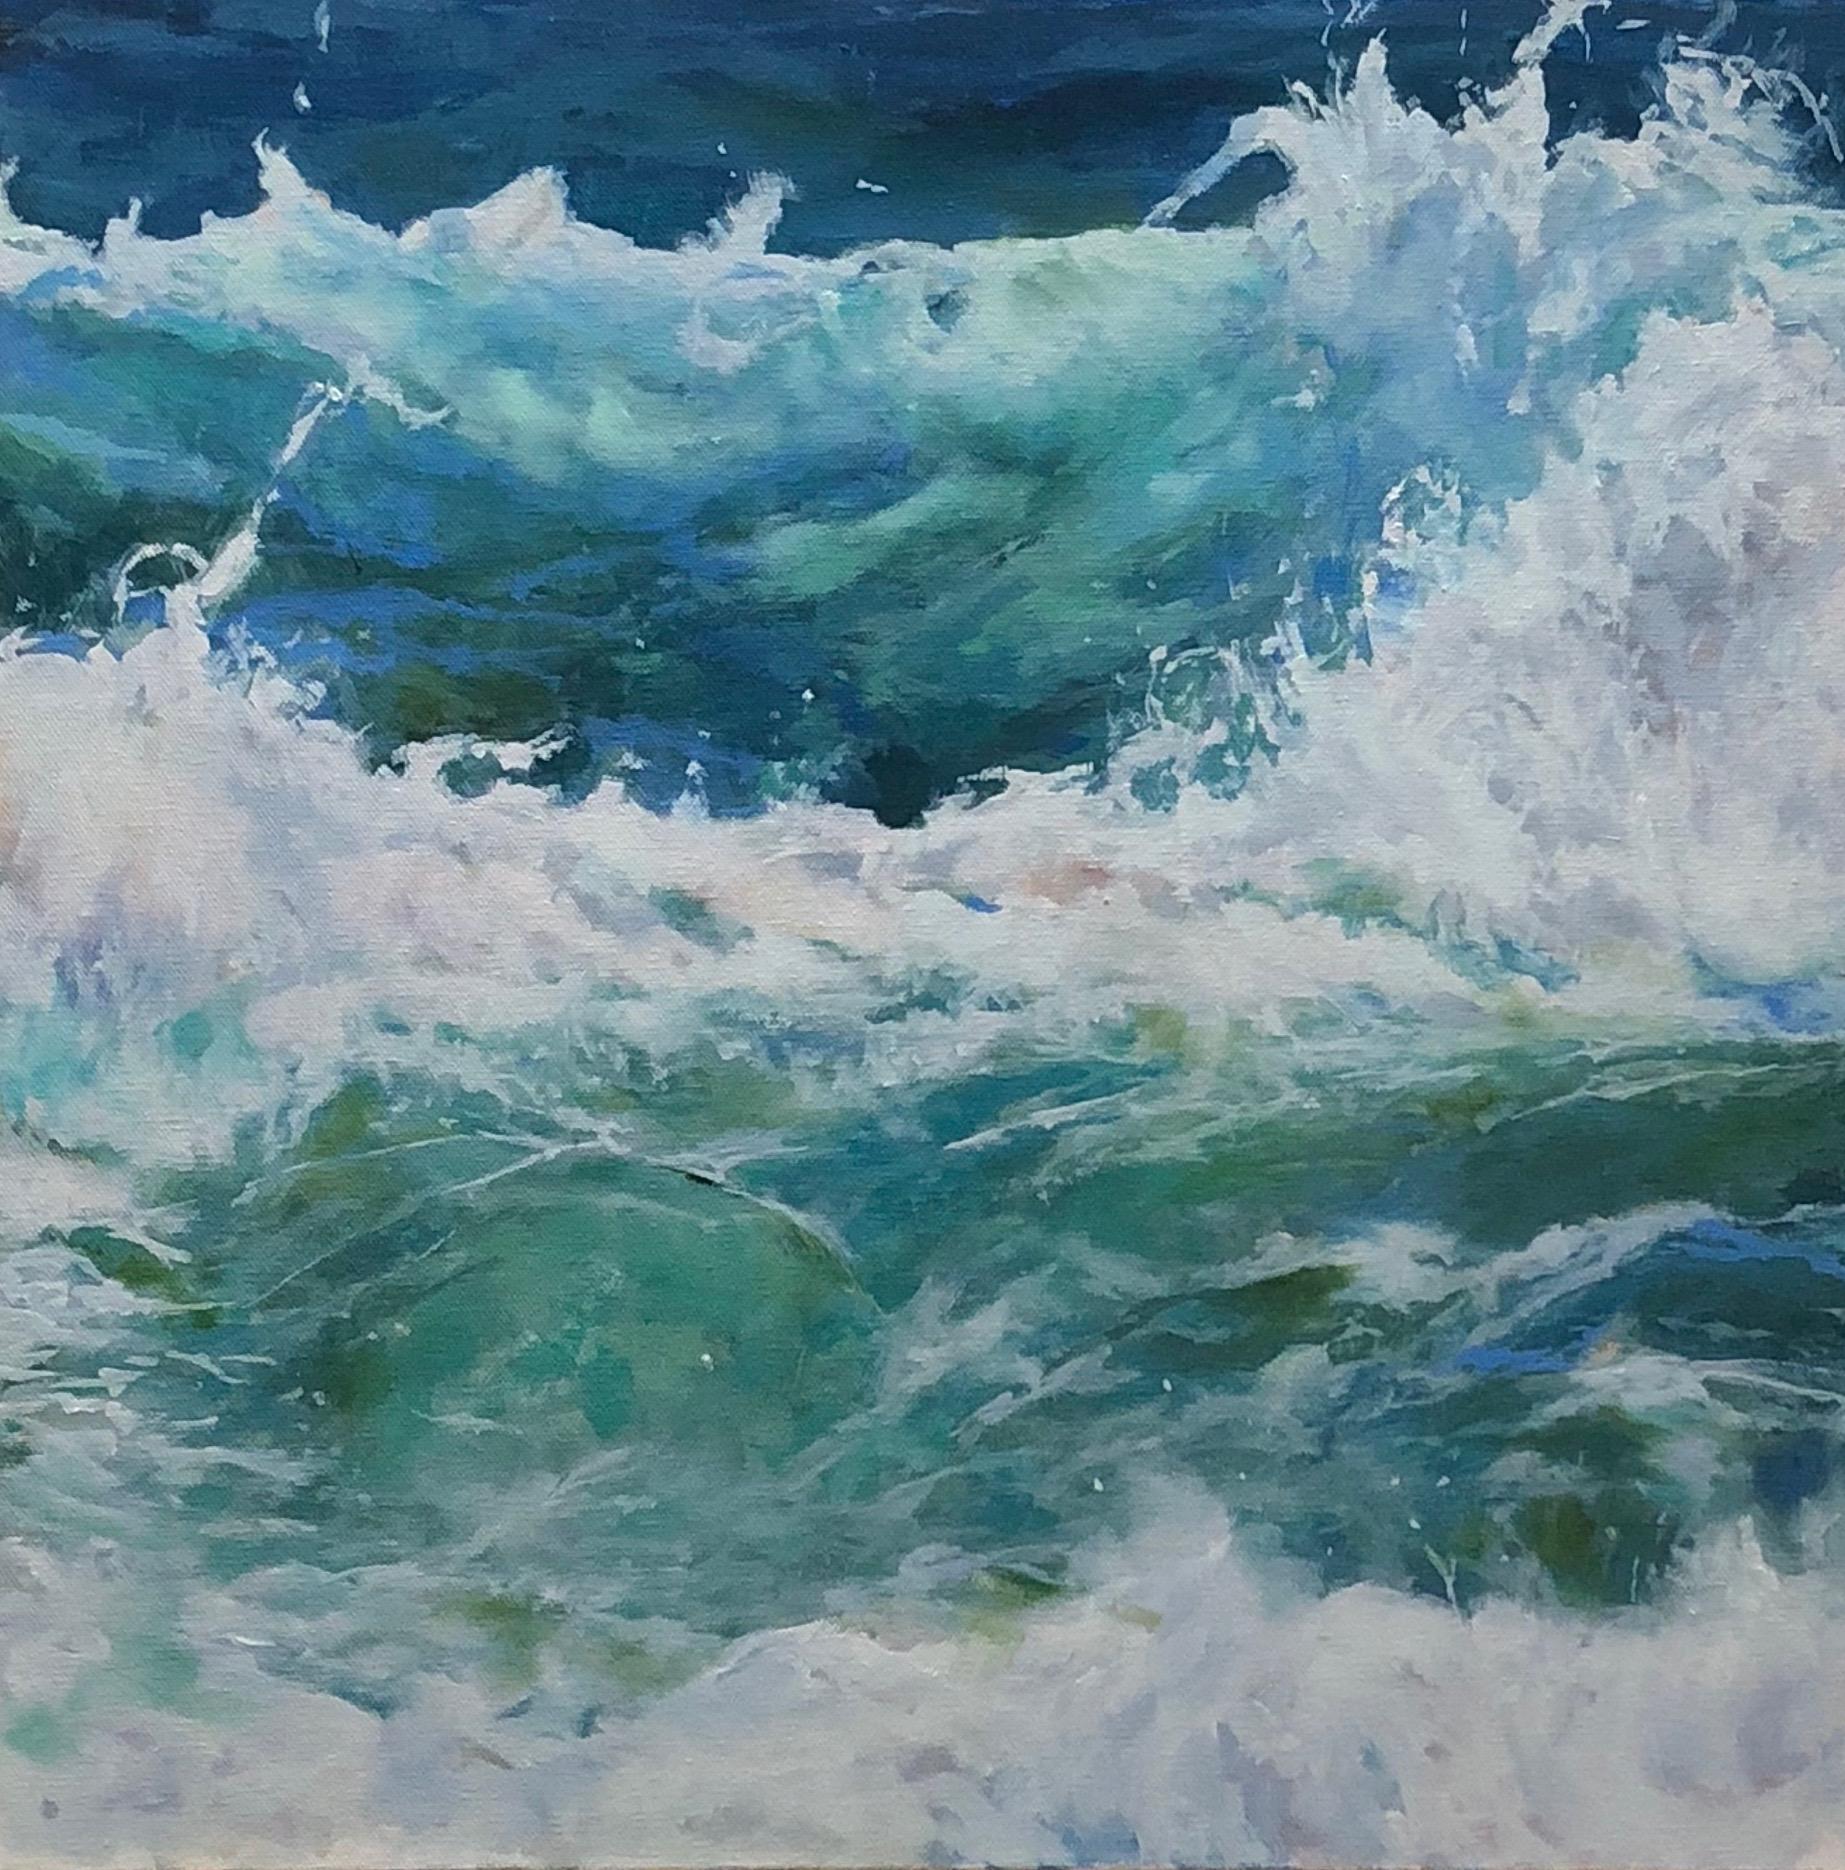 Janette Gray, Emerald Sea